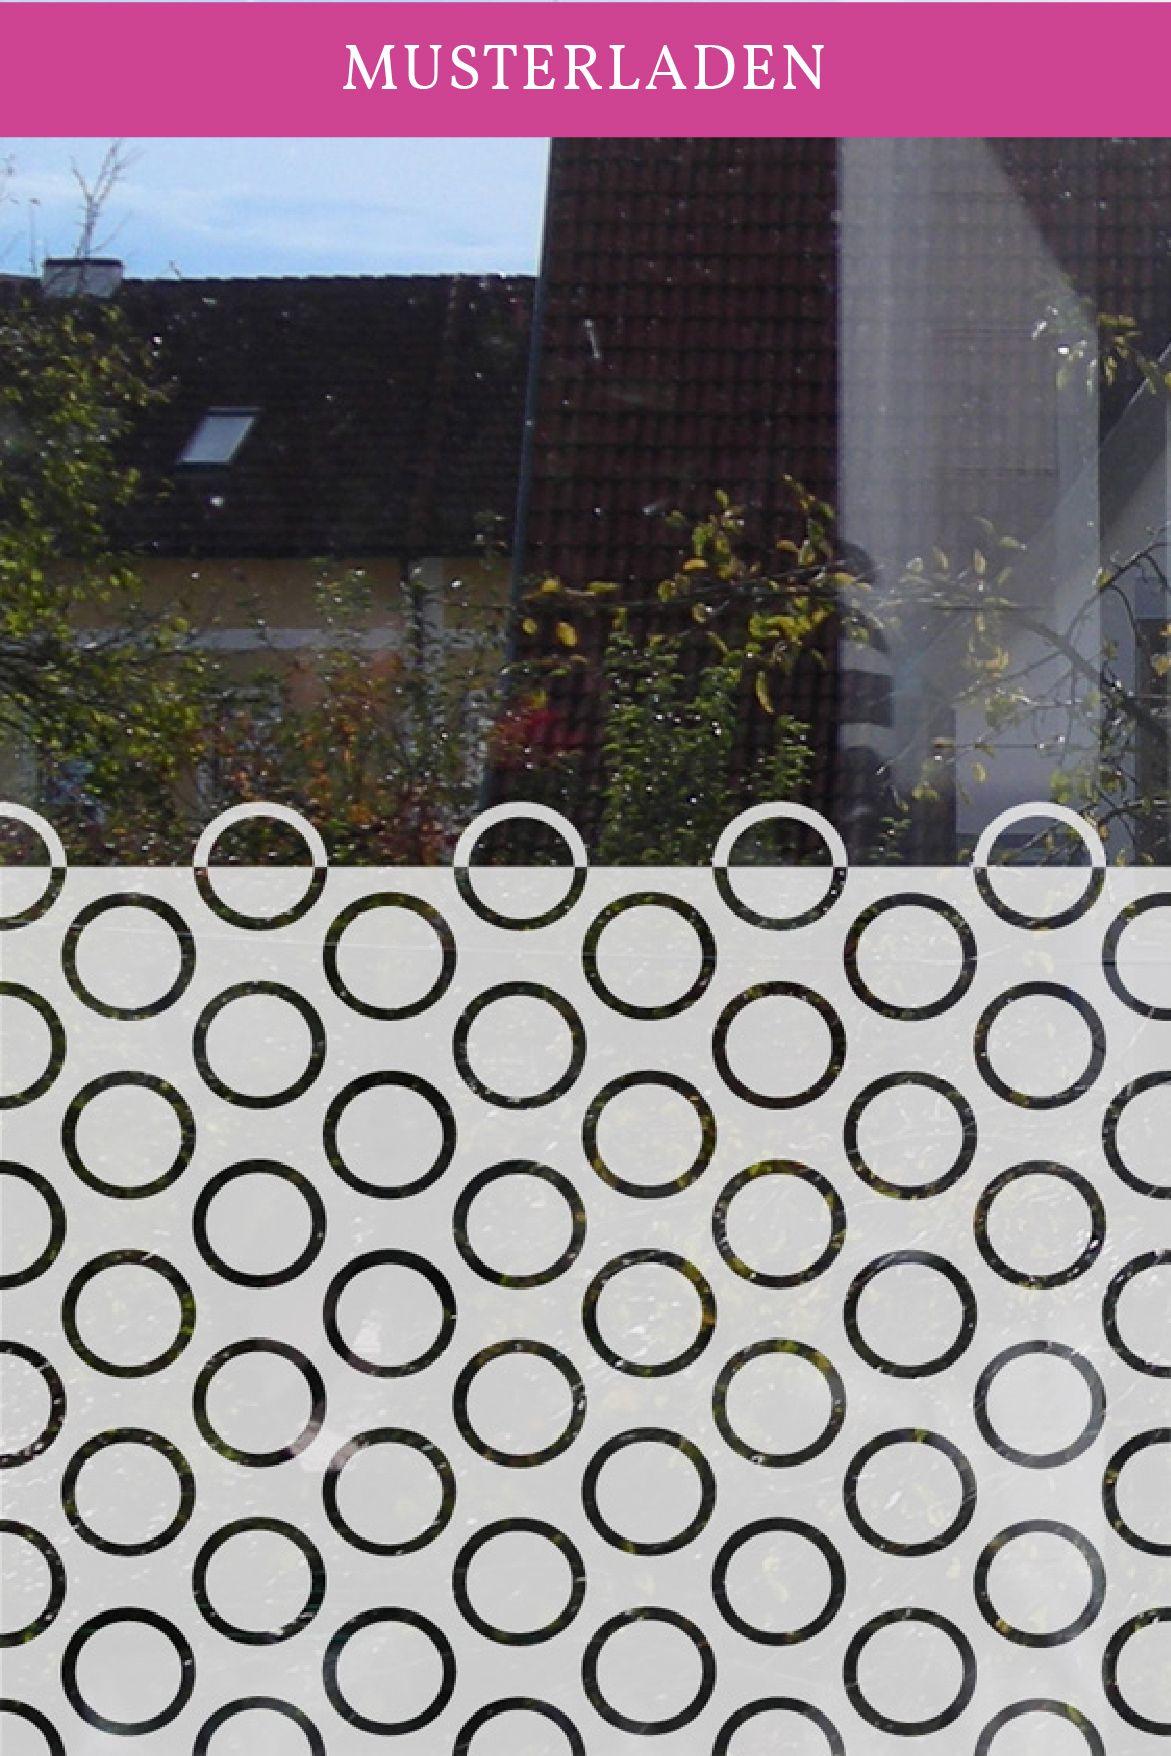 Dekorative Folien Fur Fenster Die Neben Gestaltung Auch Sichtschutz Bieten Sichtschutz Fenster Folie Fens Fensteraufkleber Folie Fur Fenster Fensterfolie